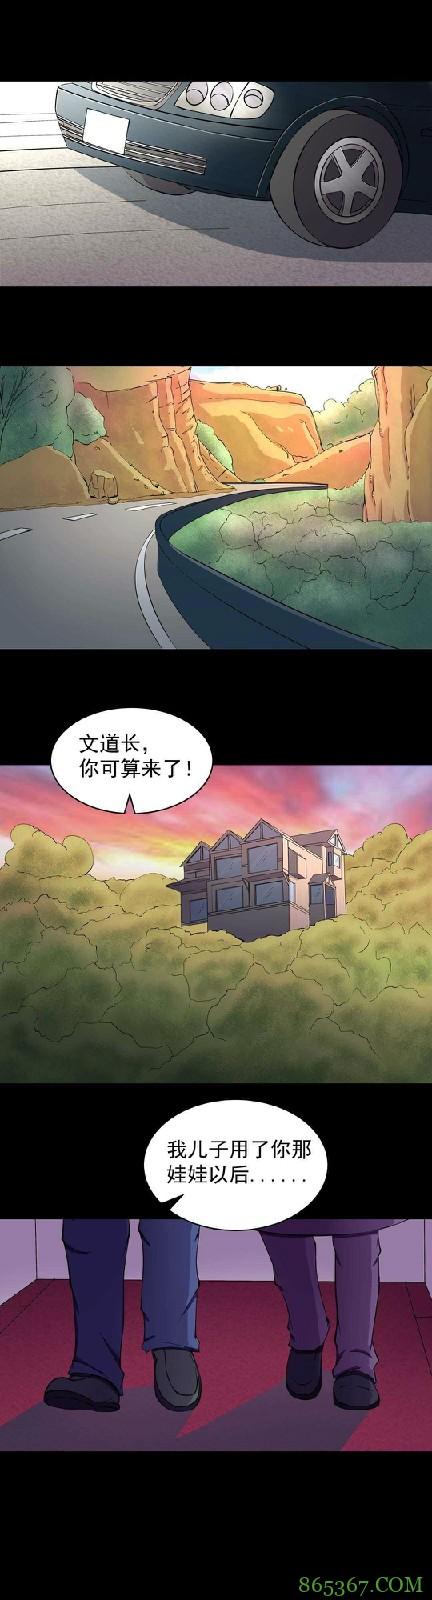 """恐怖漫画《替身》 找""""替身""""让将离世的人活下去"""